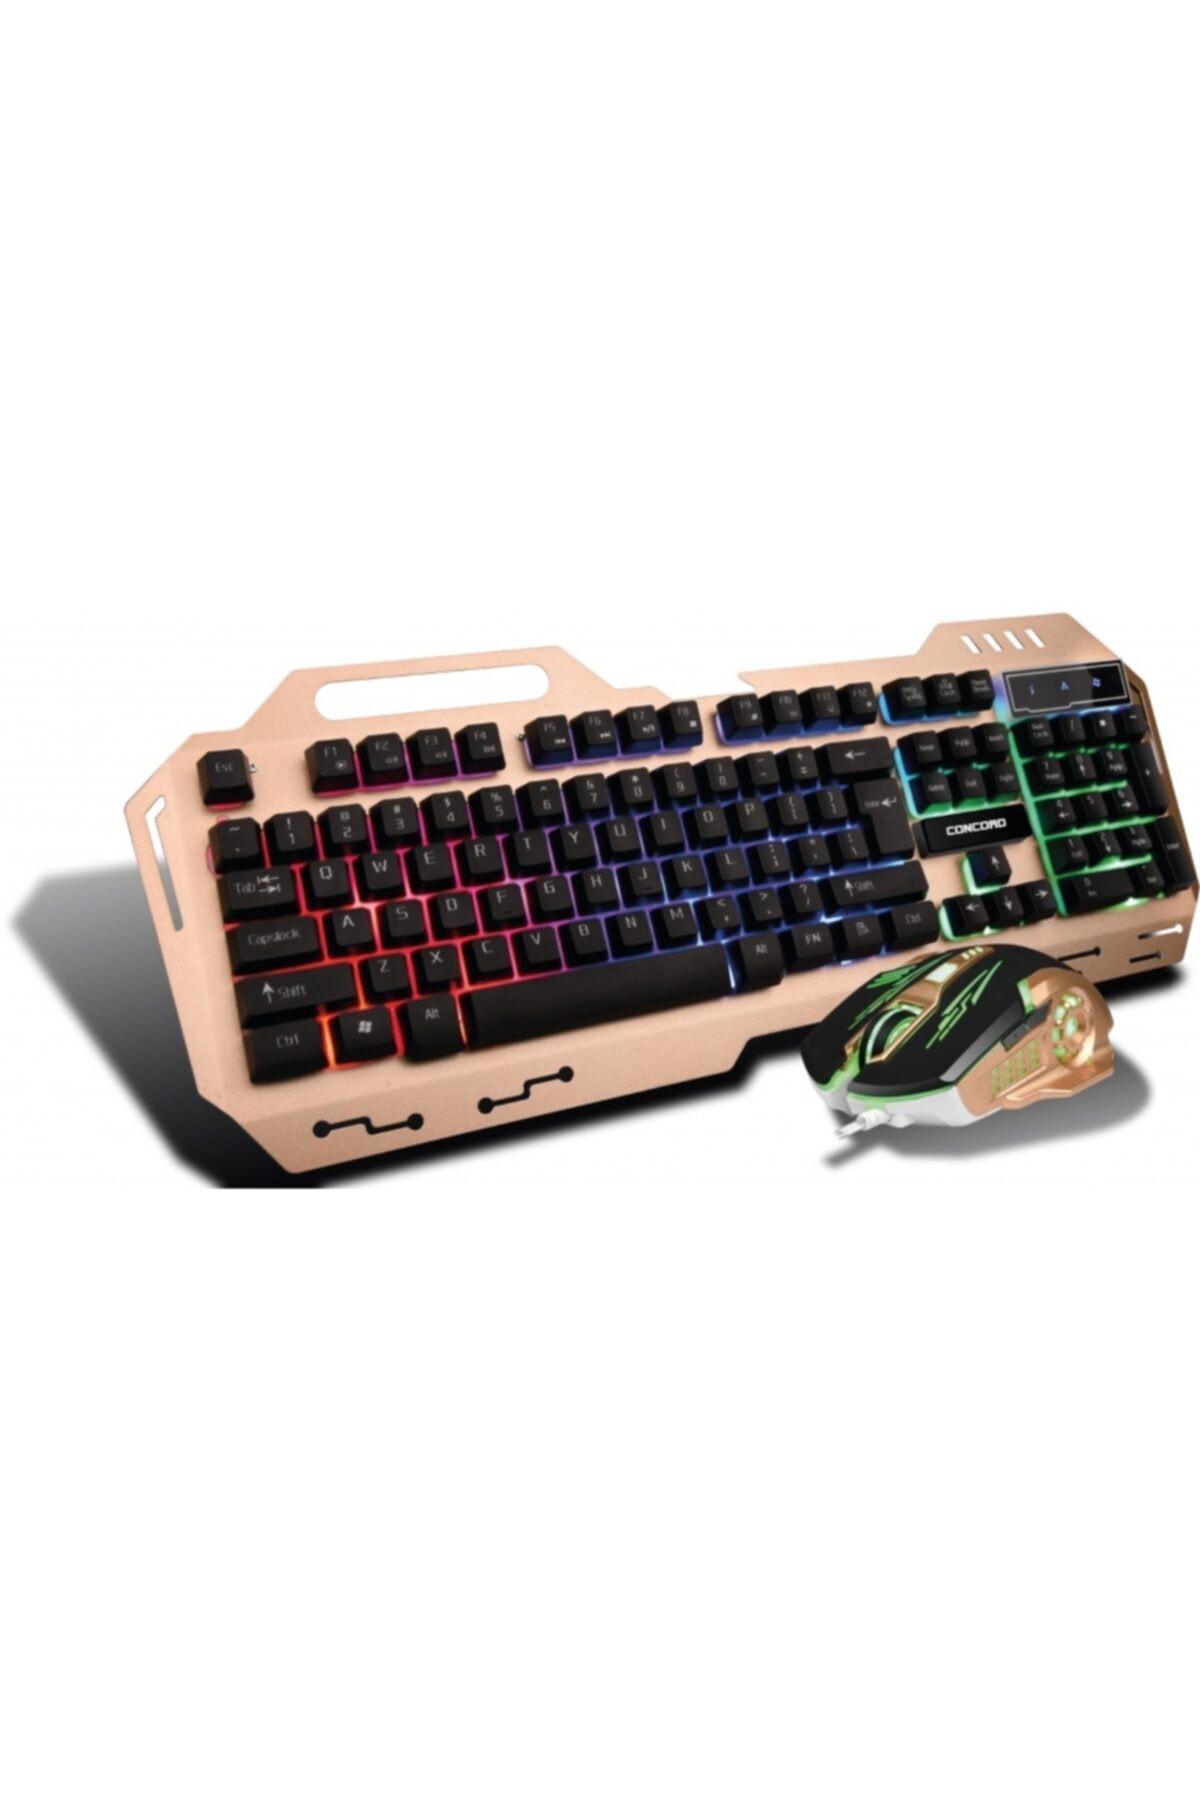 Concord Metal Kasa Oyuncu Klavye Mouse Seti - Gaming Pc Metal Işıklı Klavye Mouse Seti 1